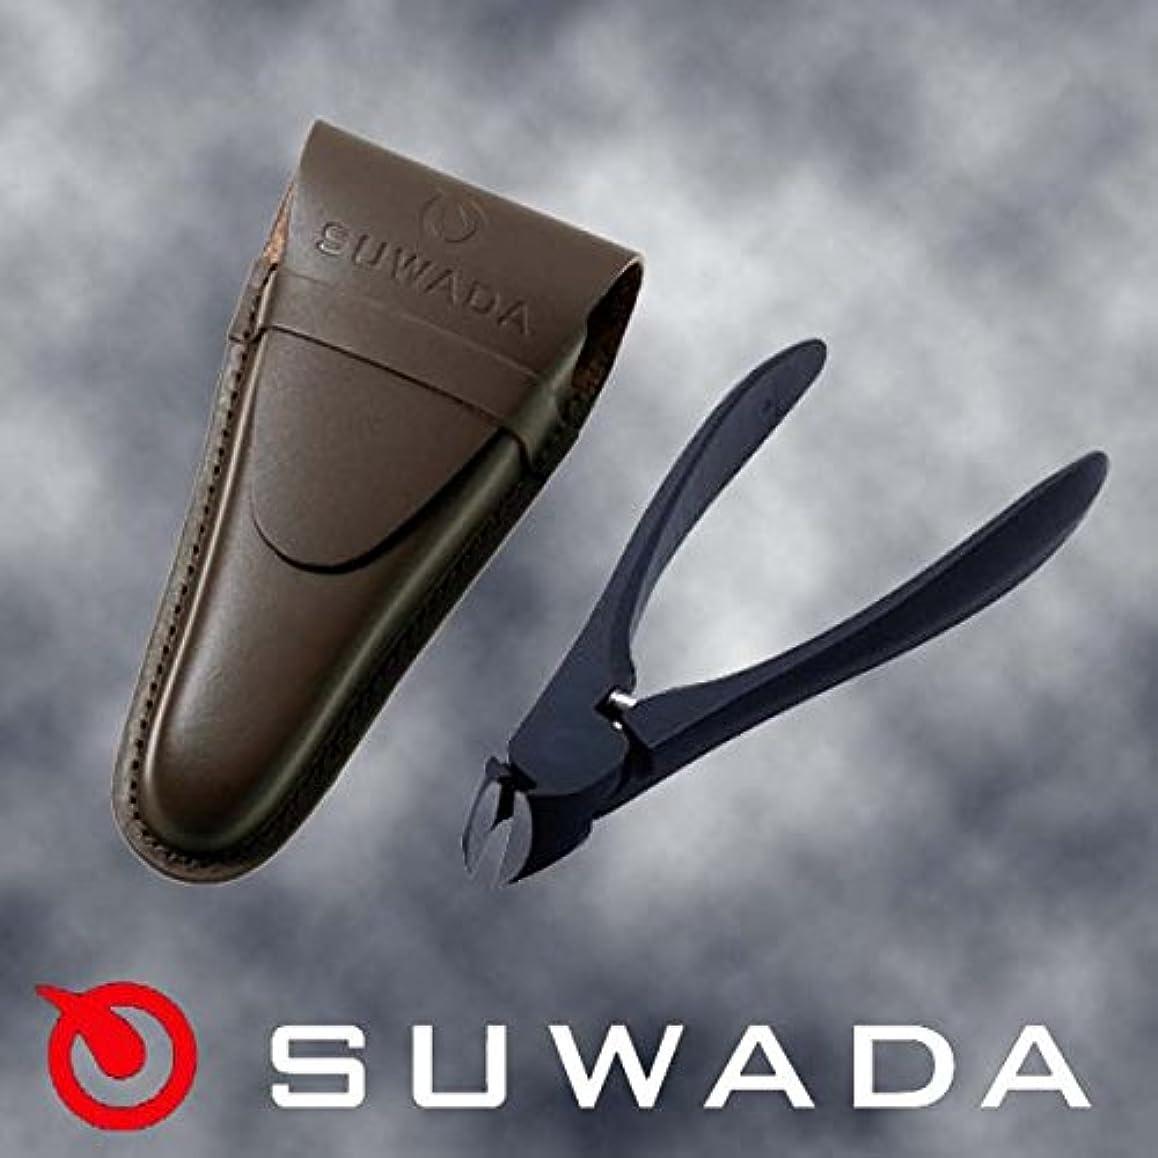 結核ラフ統合SUWADA 爪切りブラックS&ブラウン革ケースセット 諏訪田製作所 スワダ爪切り